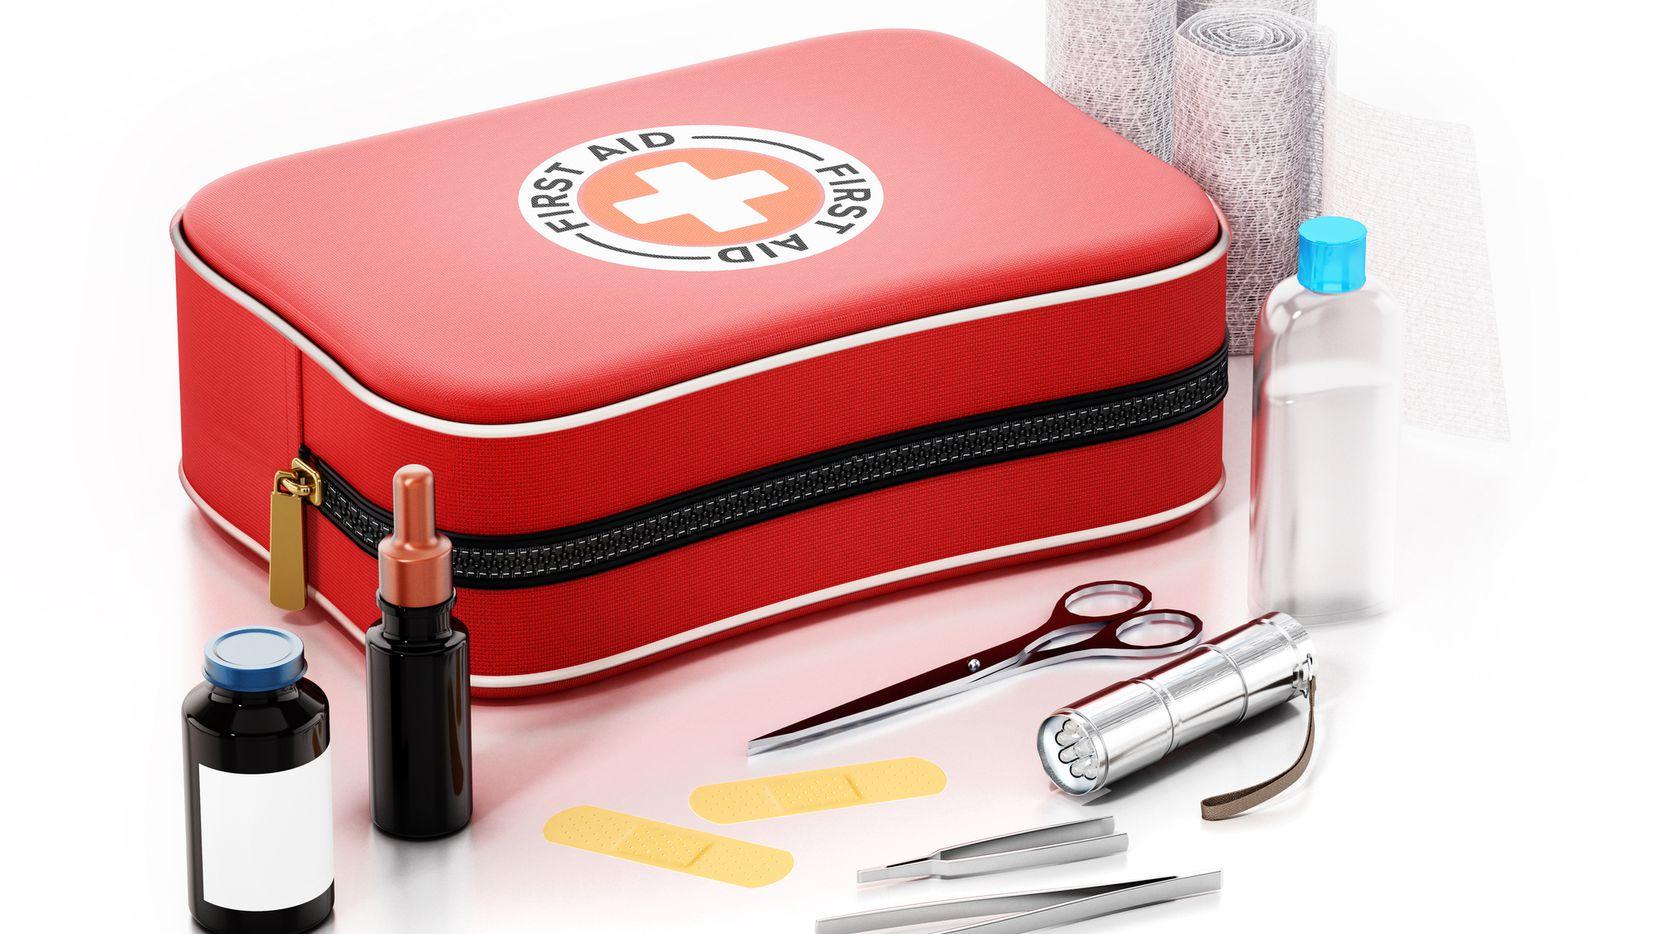 Artículos de emergencias, como un botiquín médico, no tendrán impuestos este fin de semana. Se recomienda hacer las compras en línea.